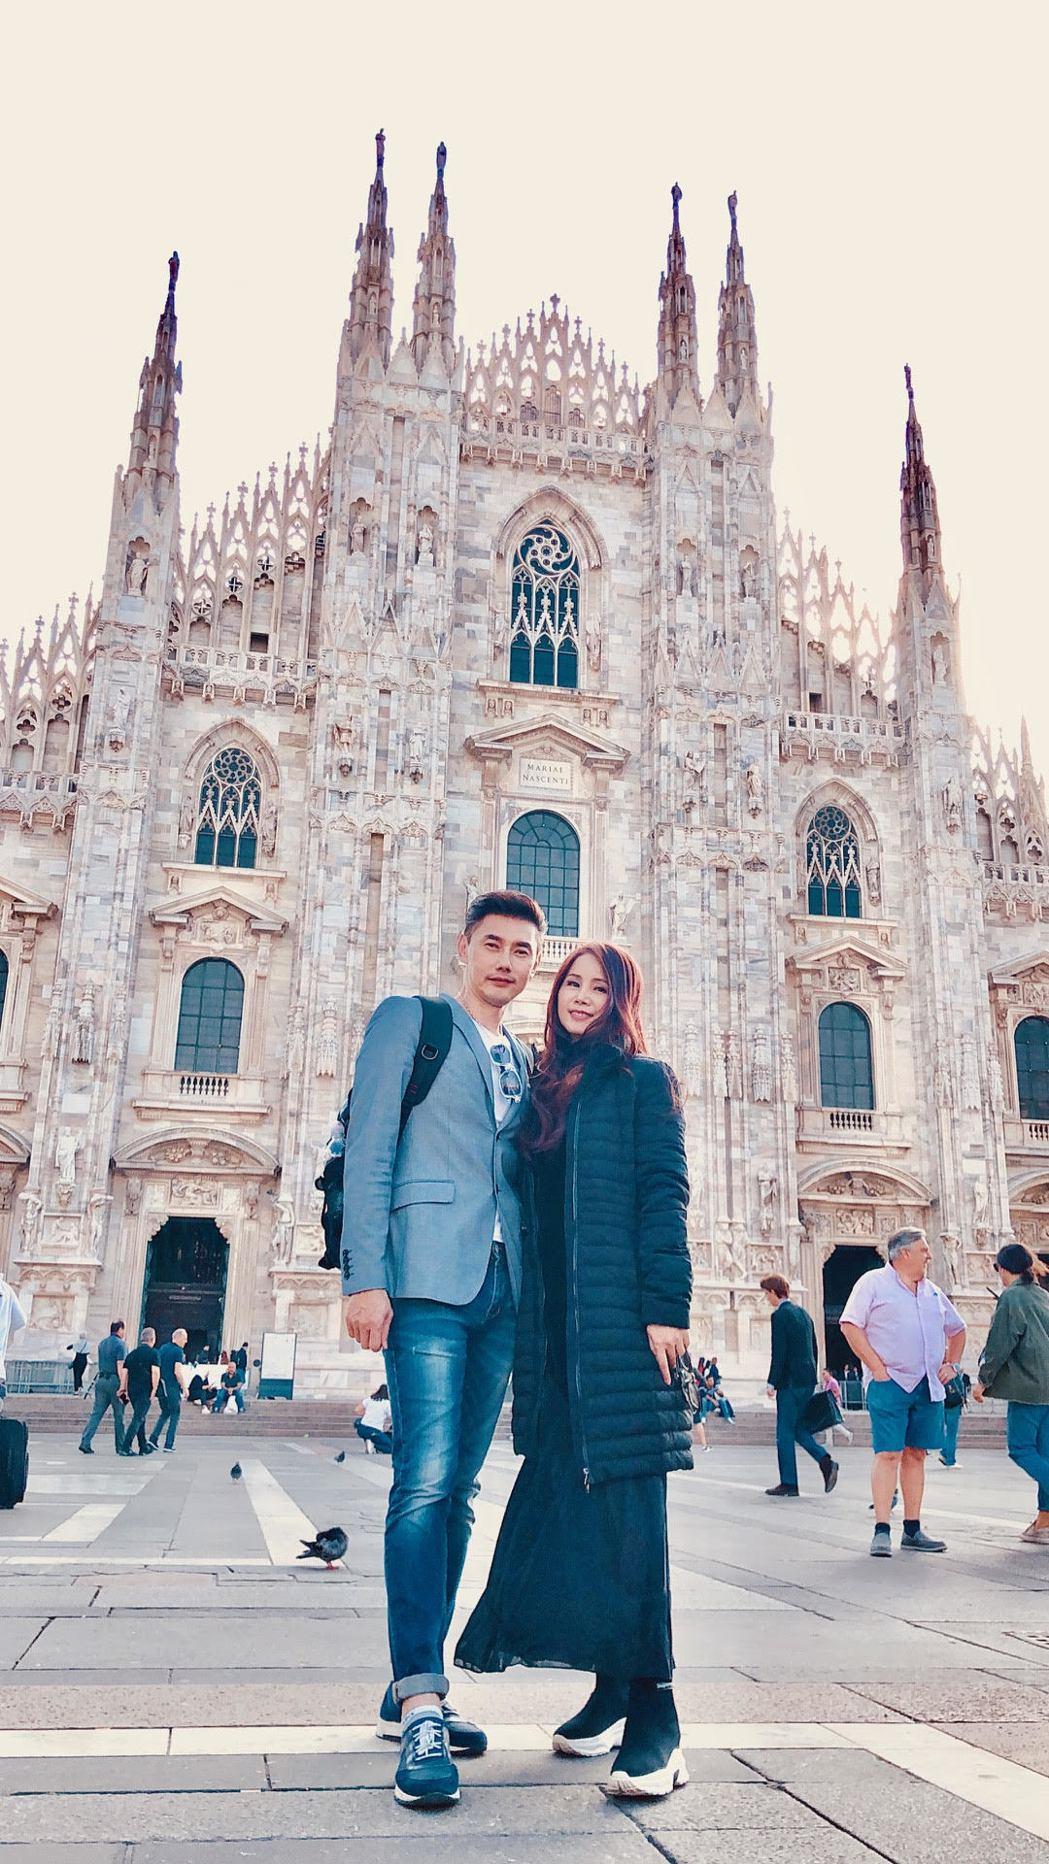 包偉銘與老婆劉依純造訪米蘭主座大教堂。圖/翰森娛樂提供